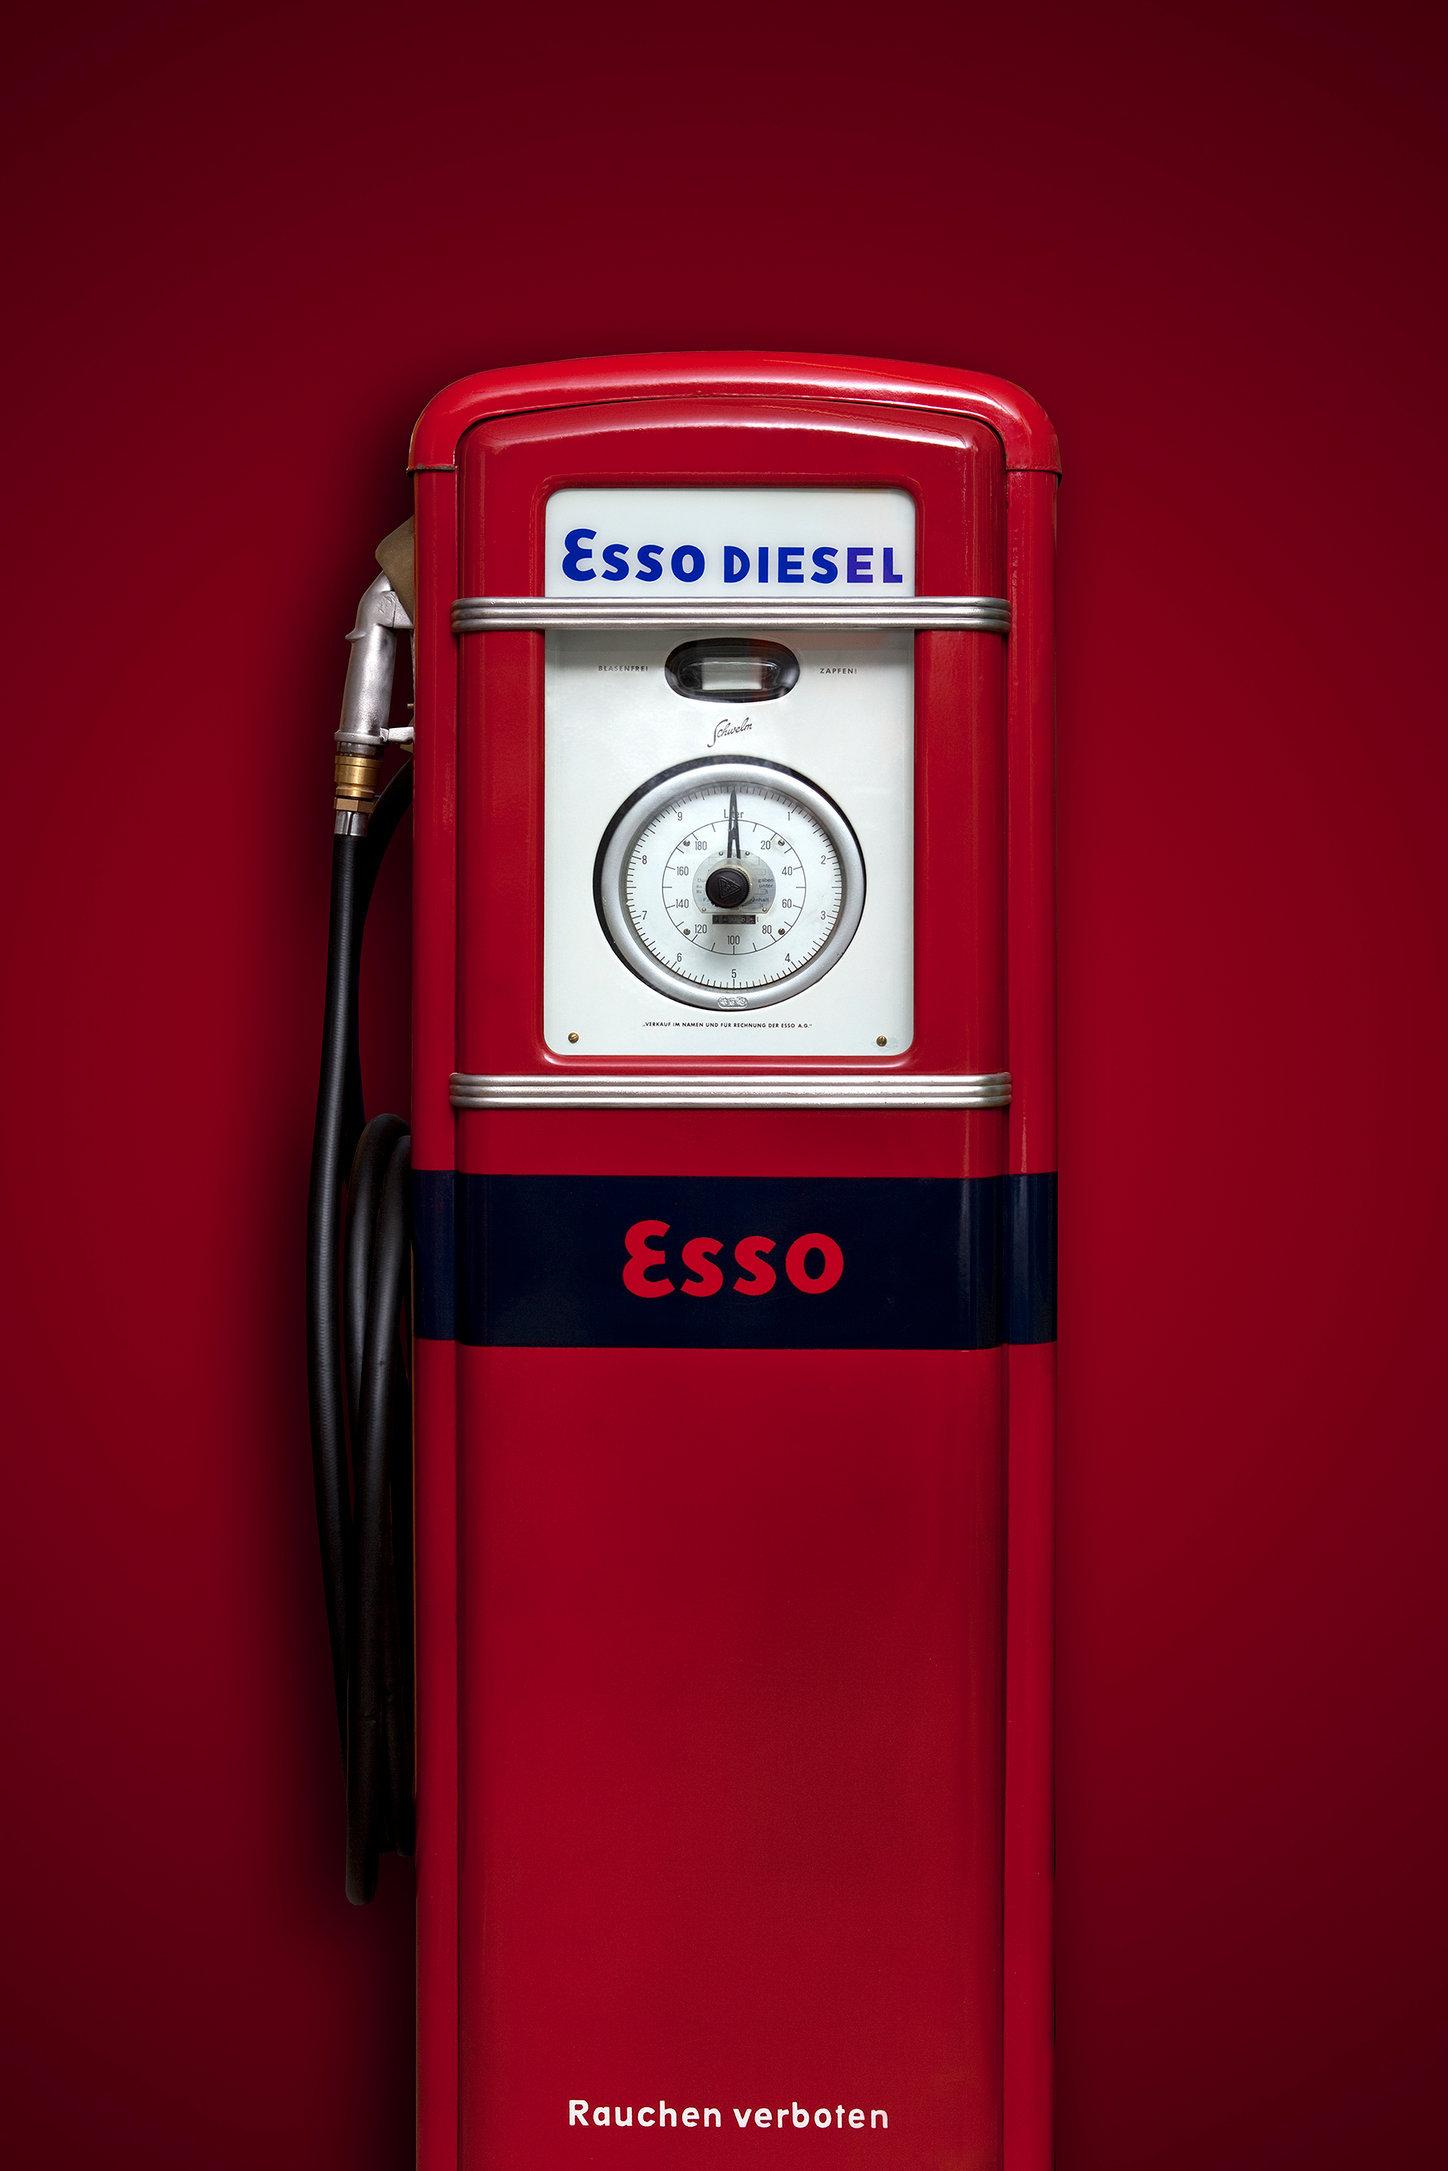 Esso.jpg